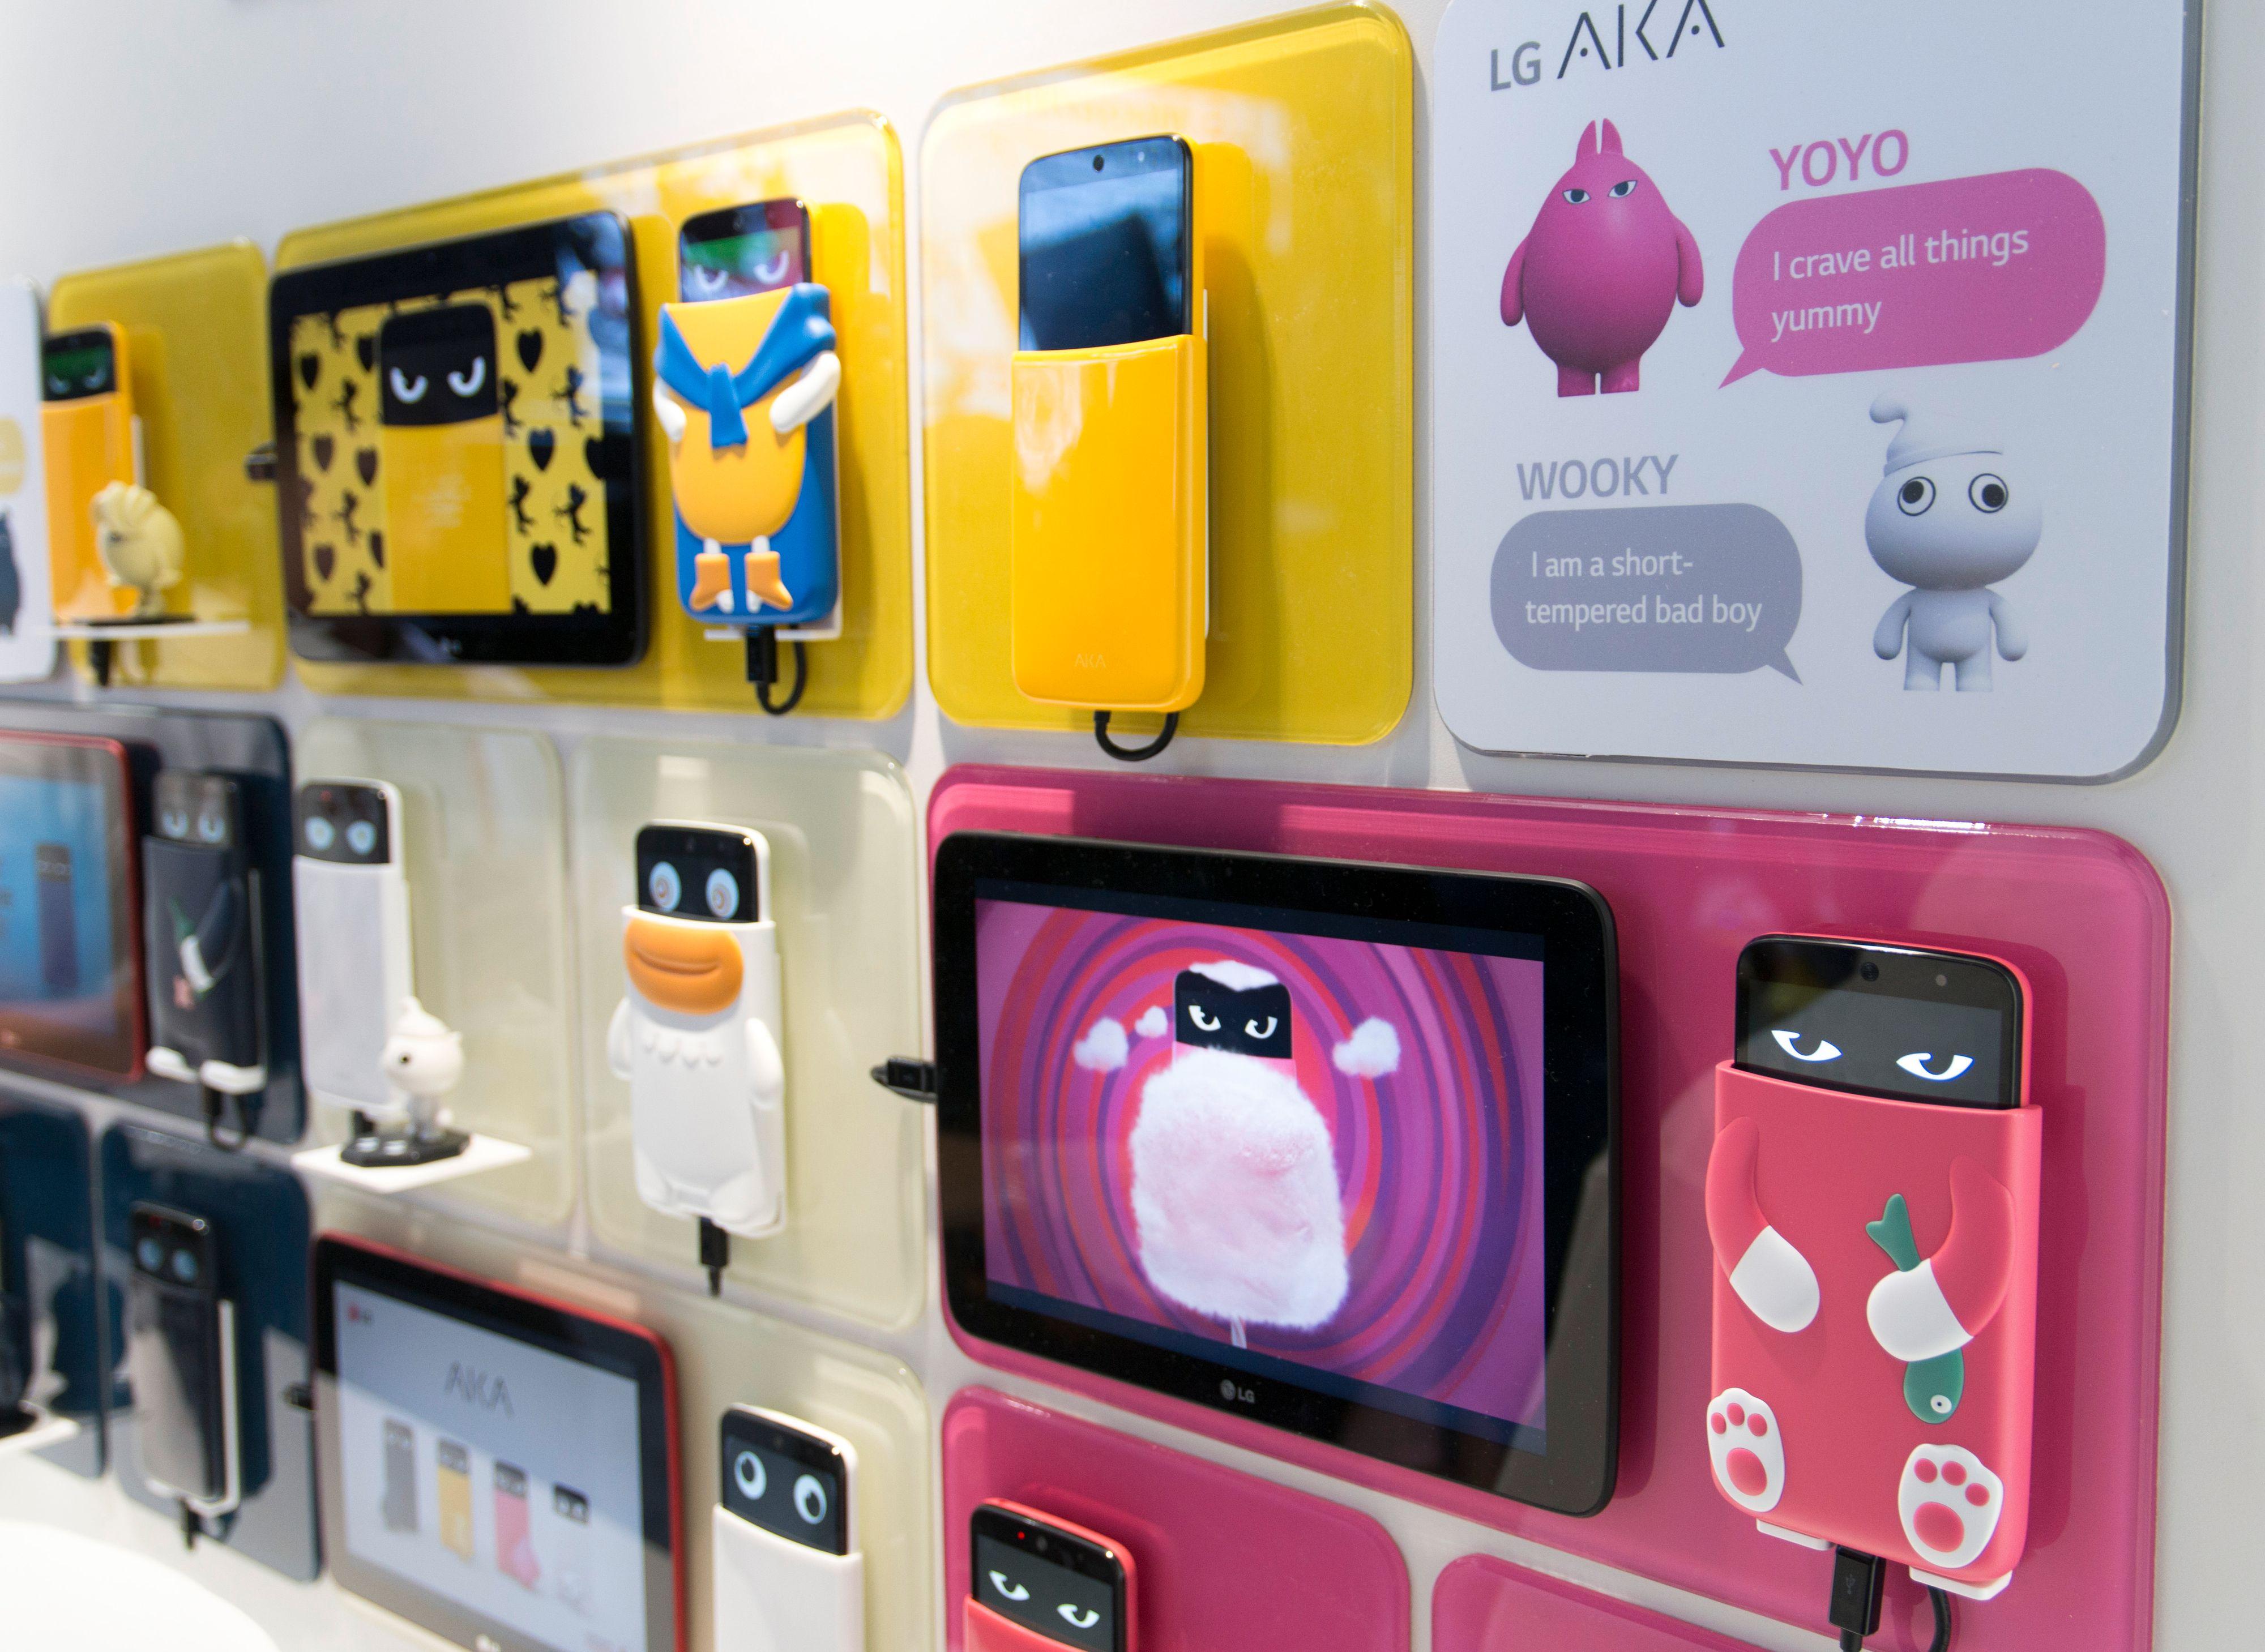 Hva med en telefon som er en hund etter søtsaker? Eller kanskje en som er litt mer sinna? Det kan du kjøpe hvis du bor i Sør-Korea.Foto: Finn Jarle Kvalheim, Tek.no